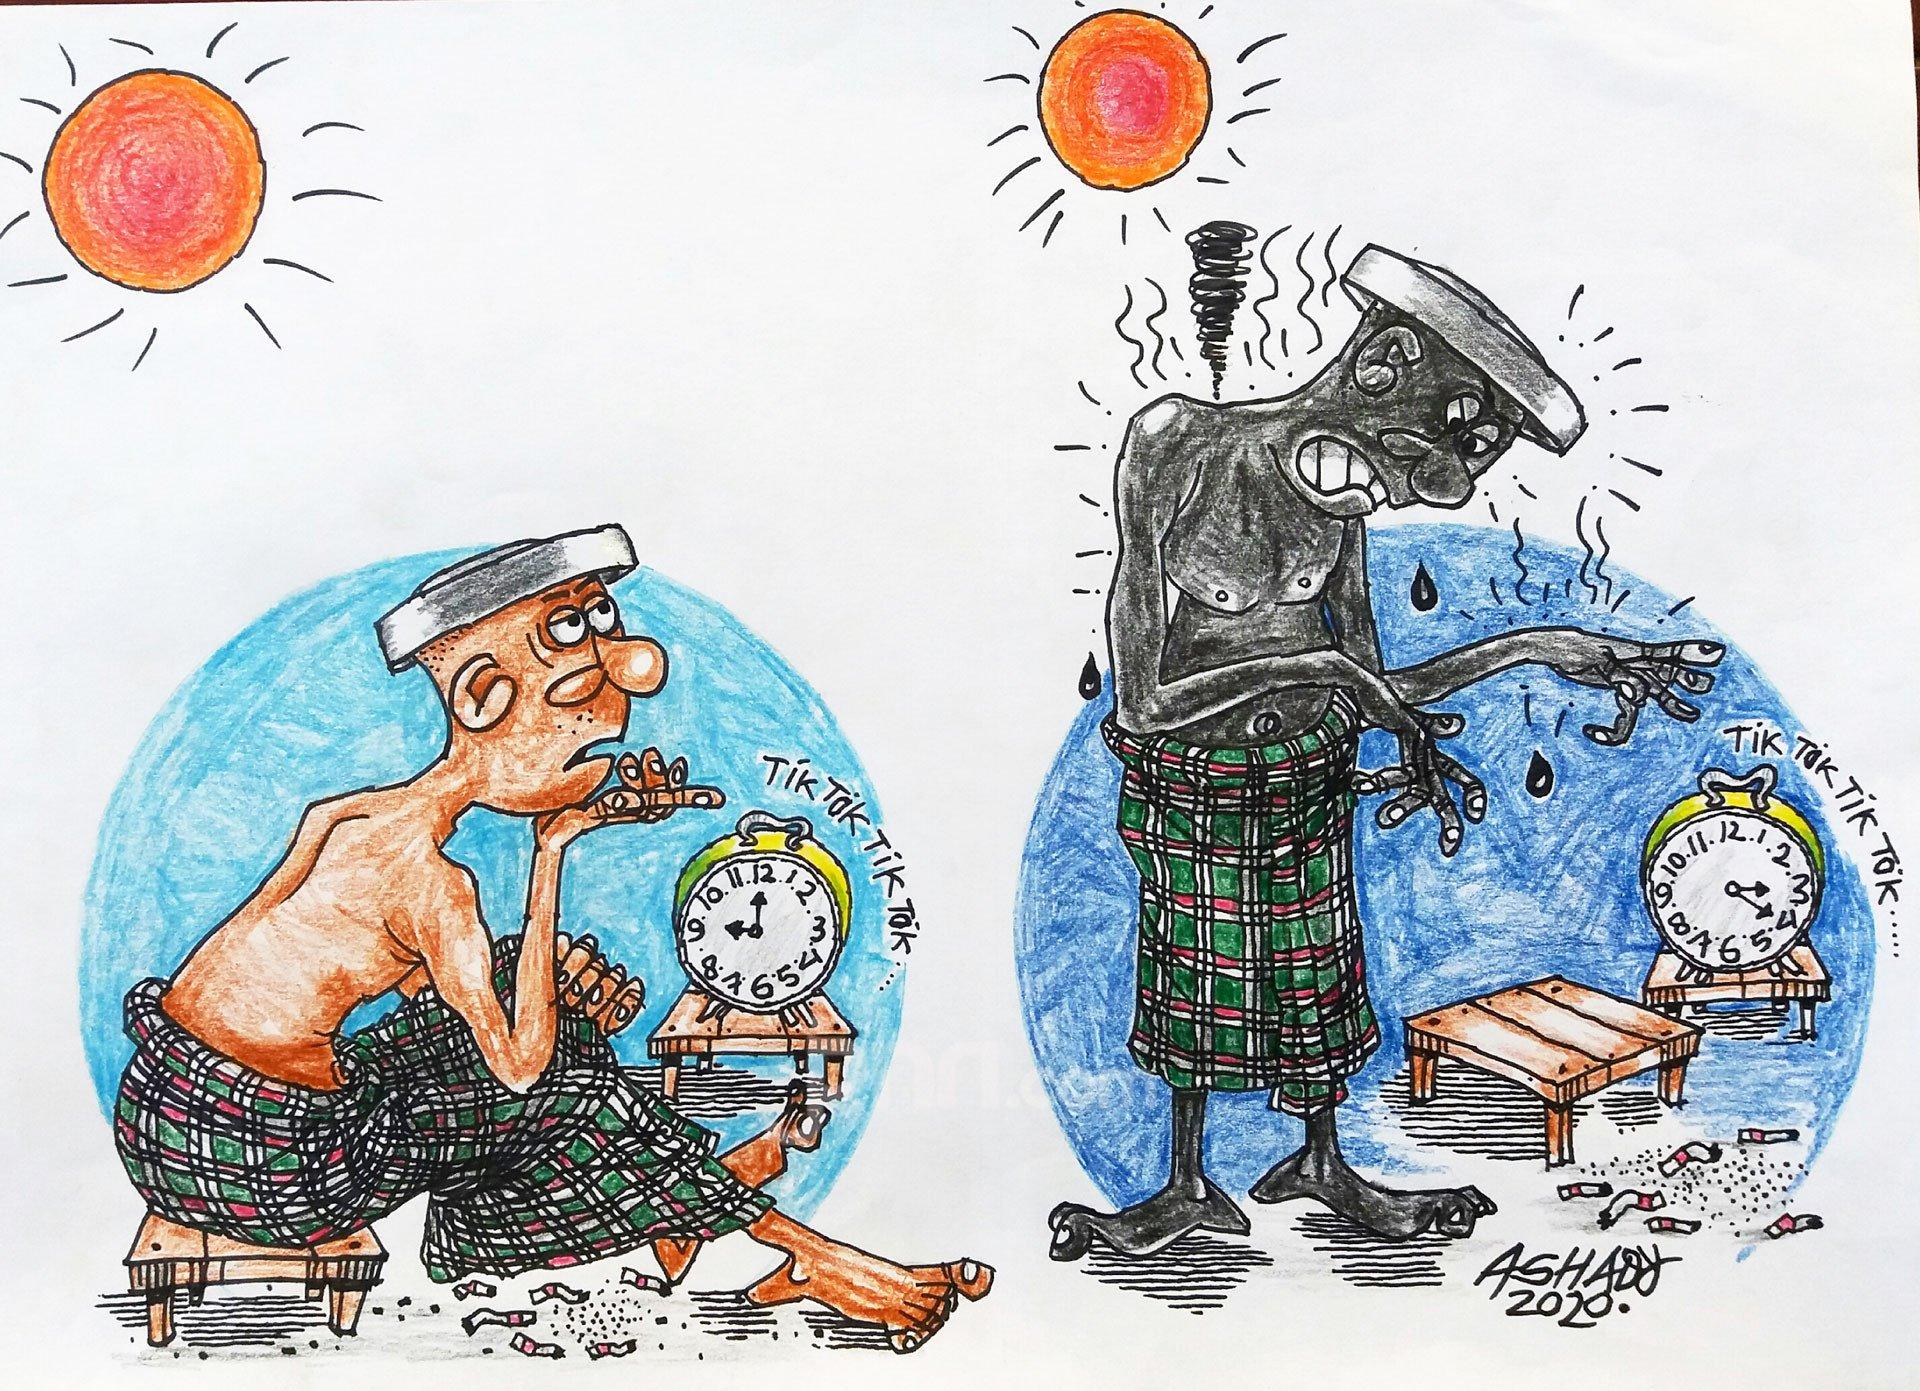 Berjemur. Karikatur oleh Ashady - JPNN.com